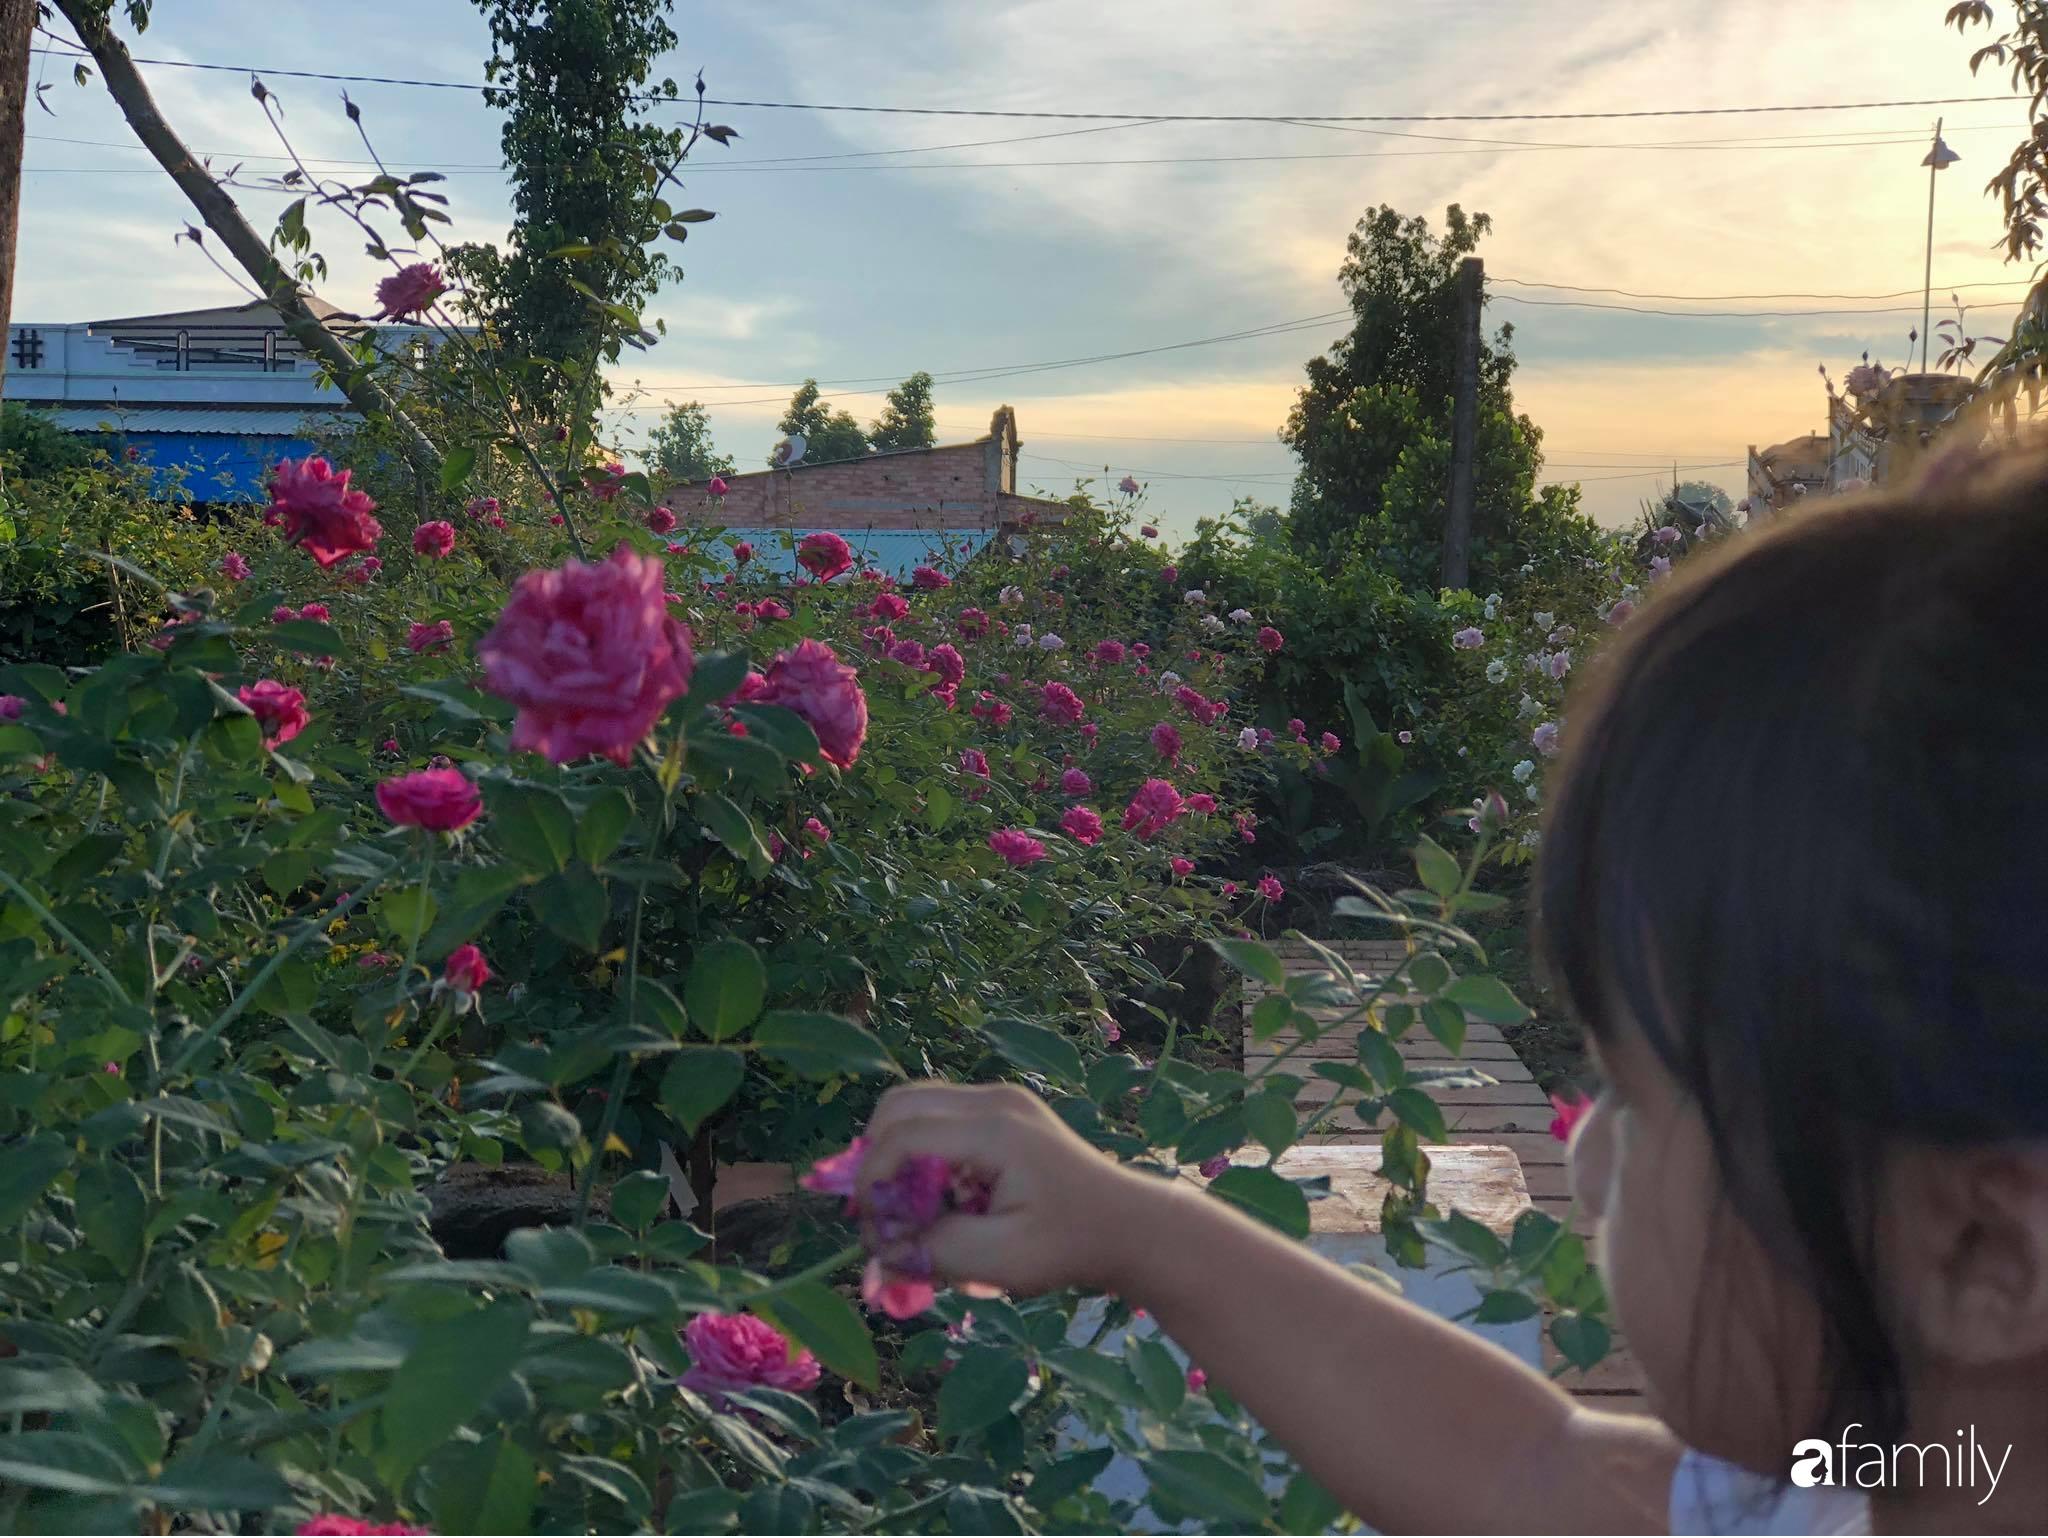 Khu vườn hoa hồng đẹp như cổ tích mà người chồng ngày đêm chăm sóc để tặng vợ con ở Vũng Tàu-29